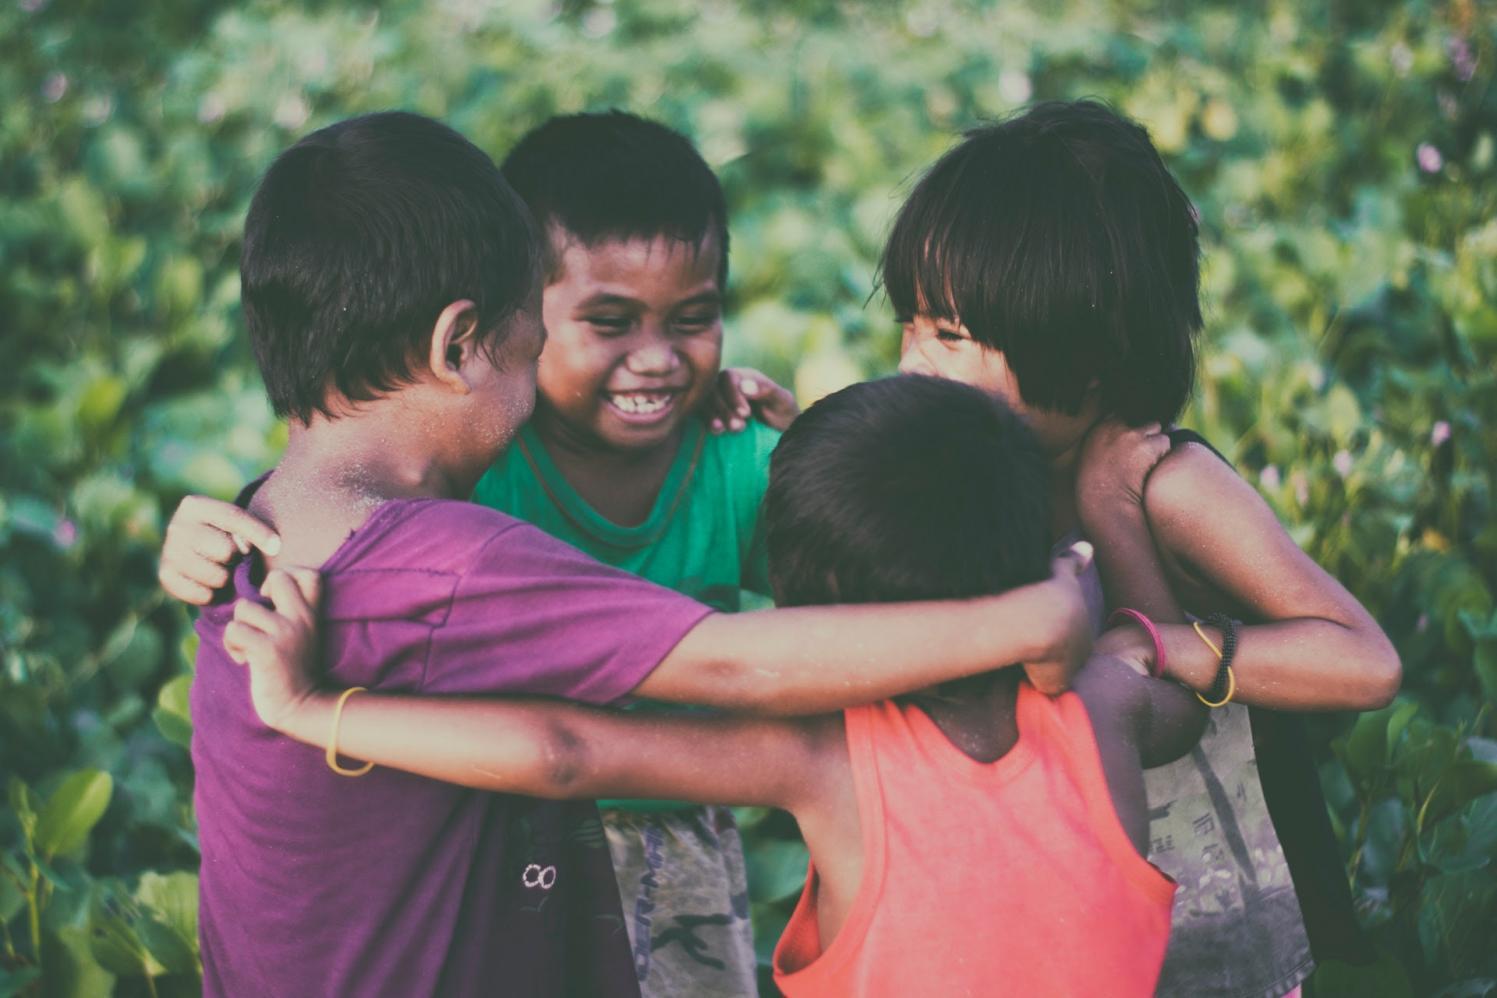 Oito dicas para ensinar resiliência às crianças